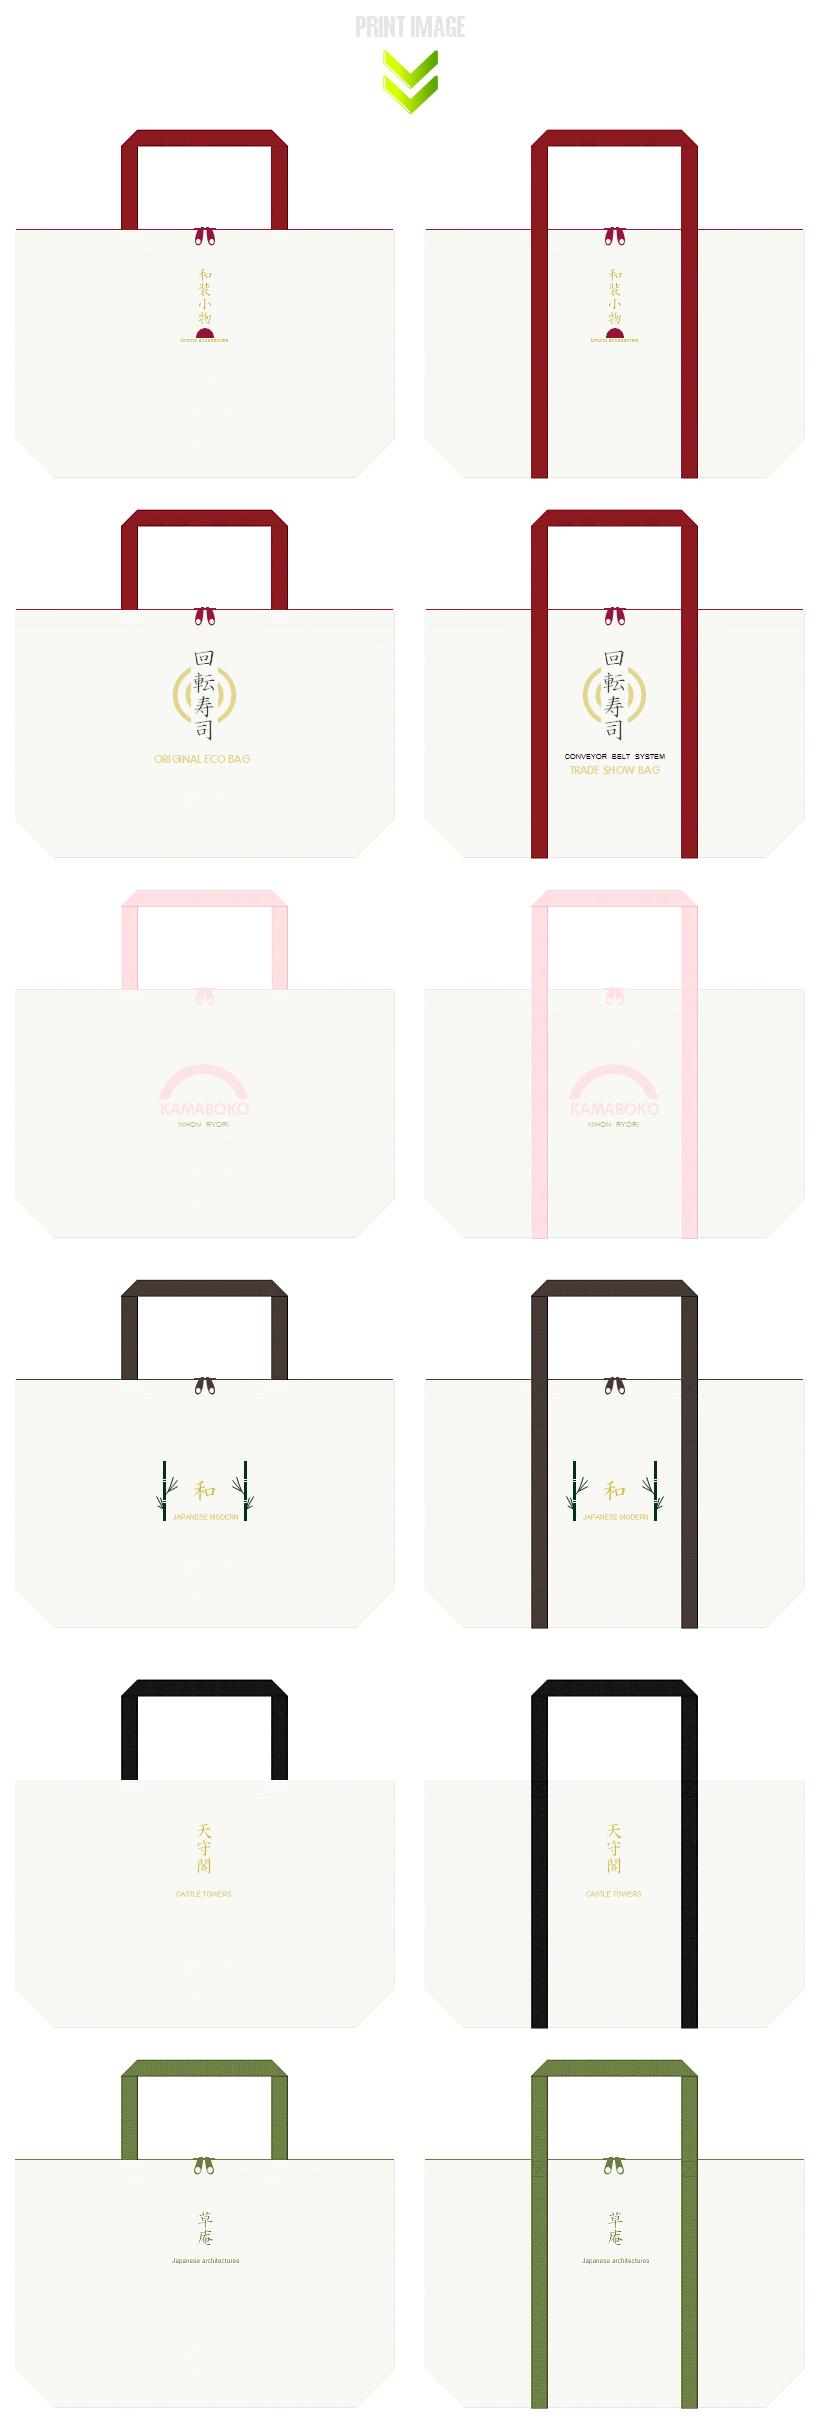 和風柄にお奨めの不織布バッグデザイン:オフホワイト色のコーデ